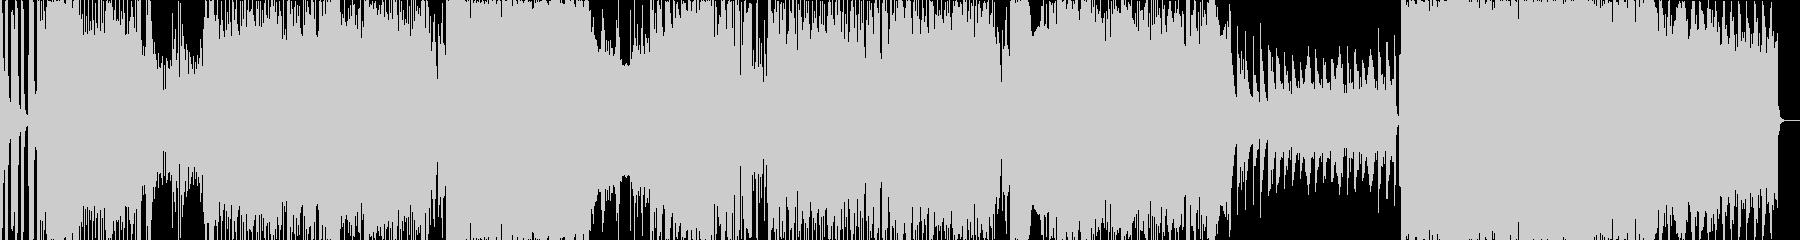 ドラマチックな展開のエレクトロなBGMの未再生の波形